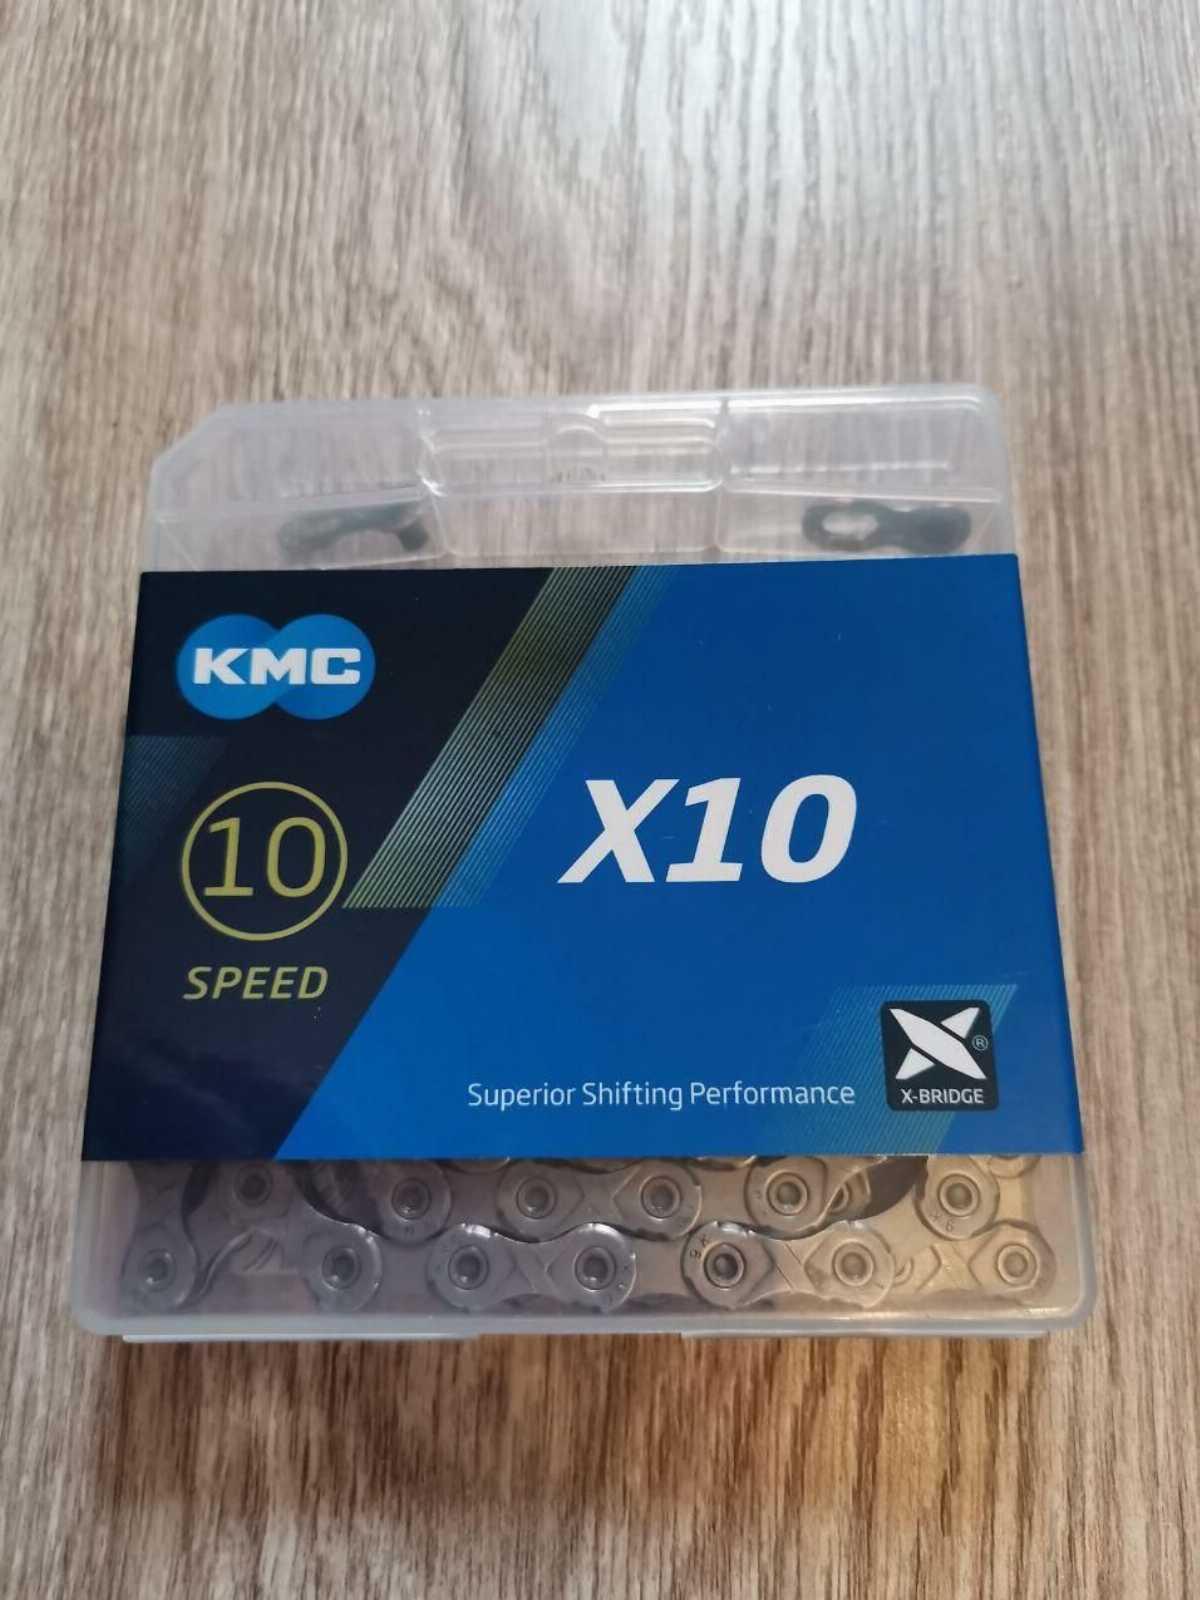 Новые цепи 10ск: Sram 1031 и 1051, KMC X10 (10.73 и 10.93)